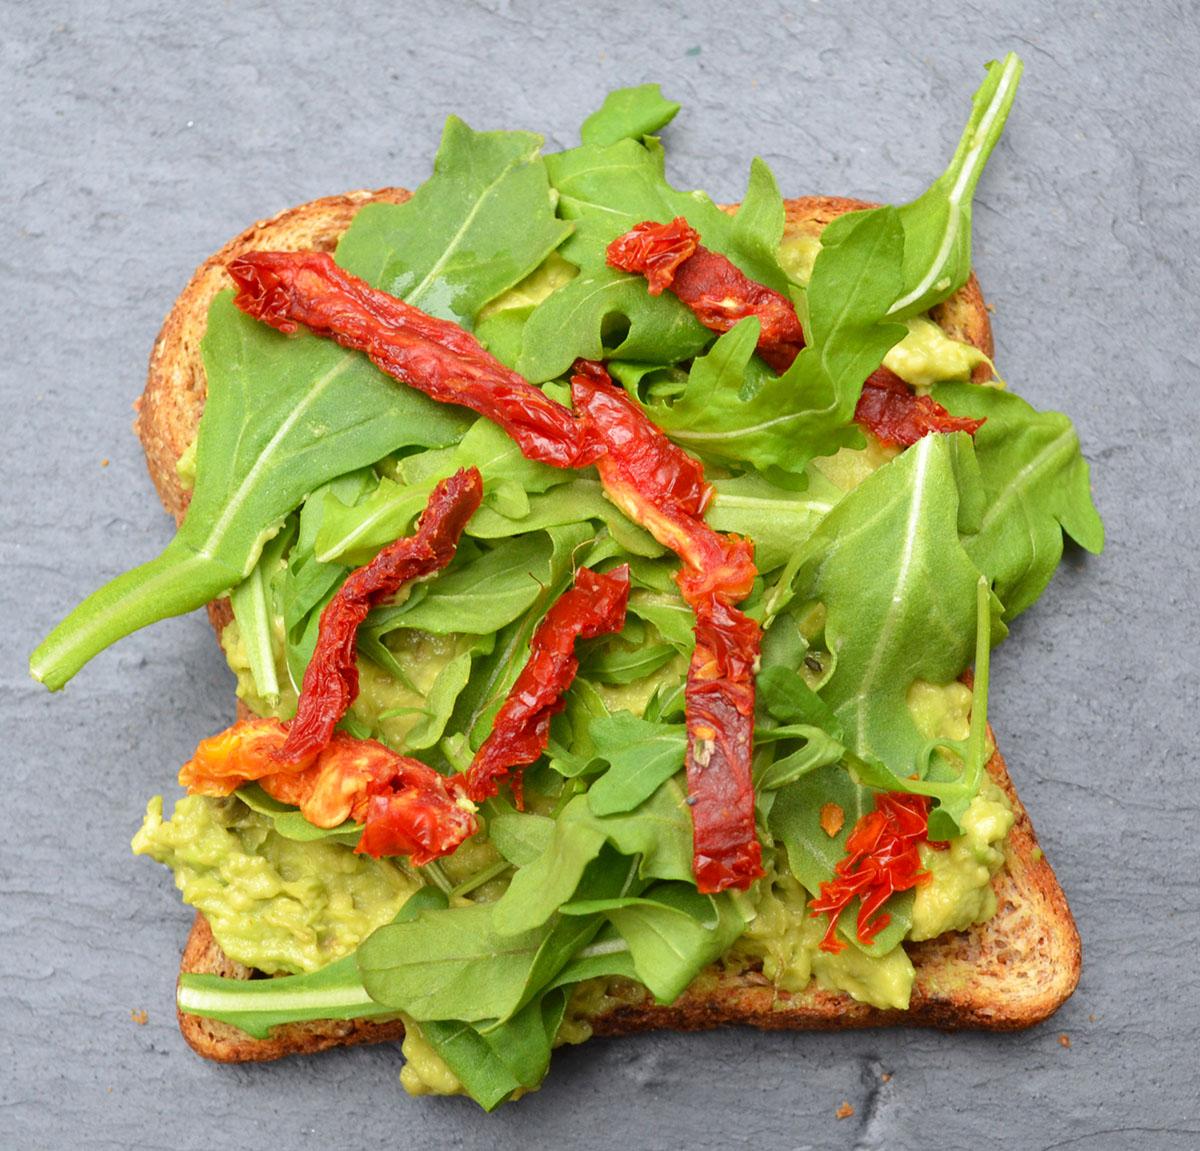 Arugula avocado toast photo via Asia Bradlee